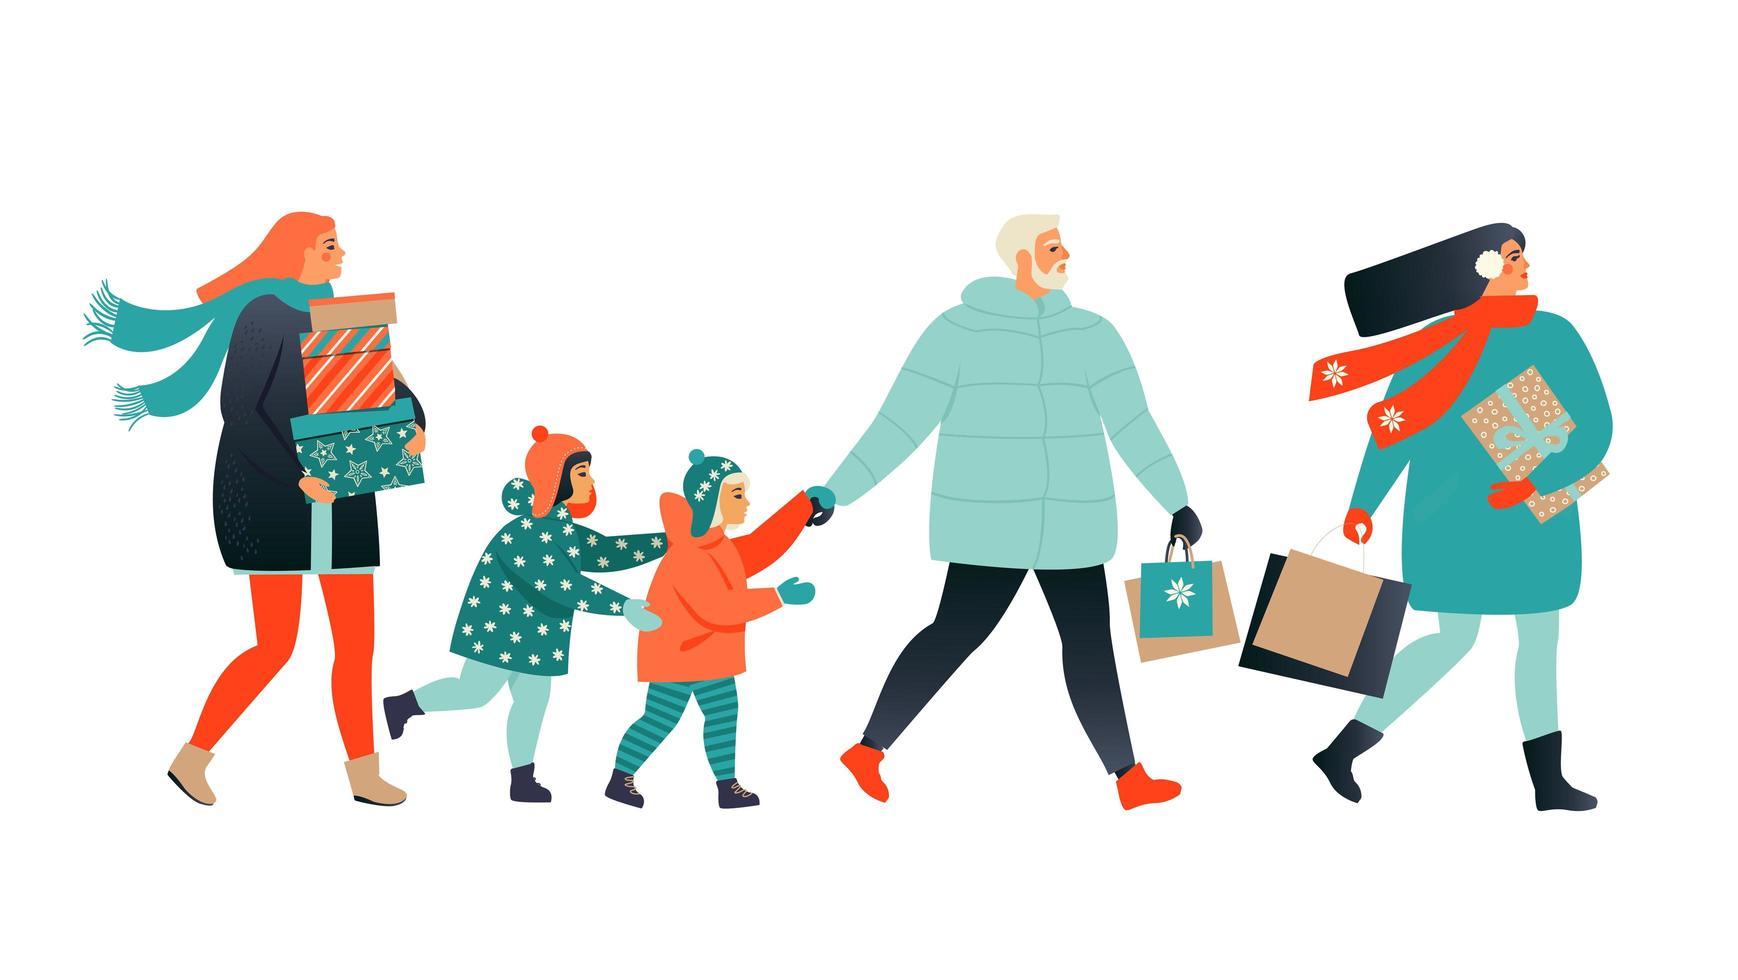 vrolijk kerstfeest wenskaart met mensen lopen en dragen huidige dozen. xmas winter poster collectie. vector